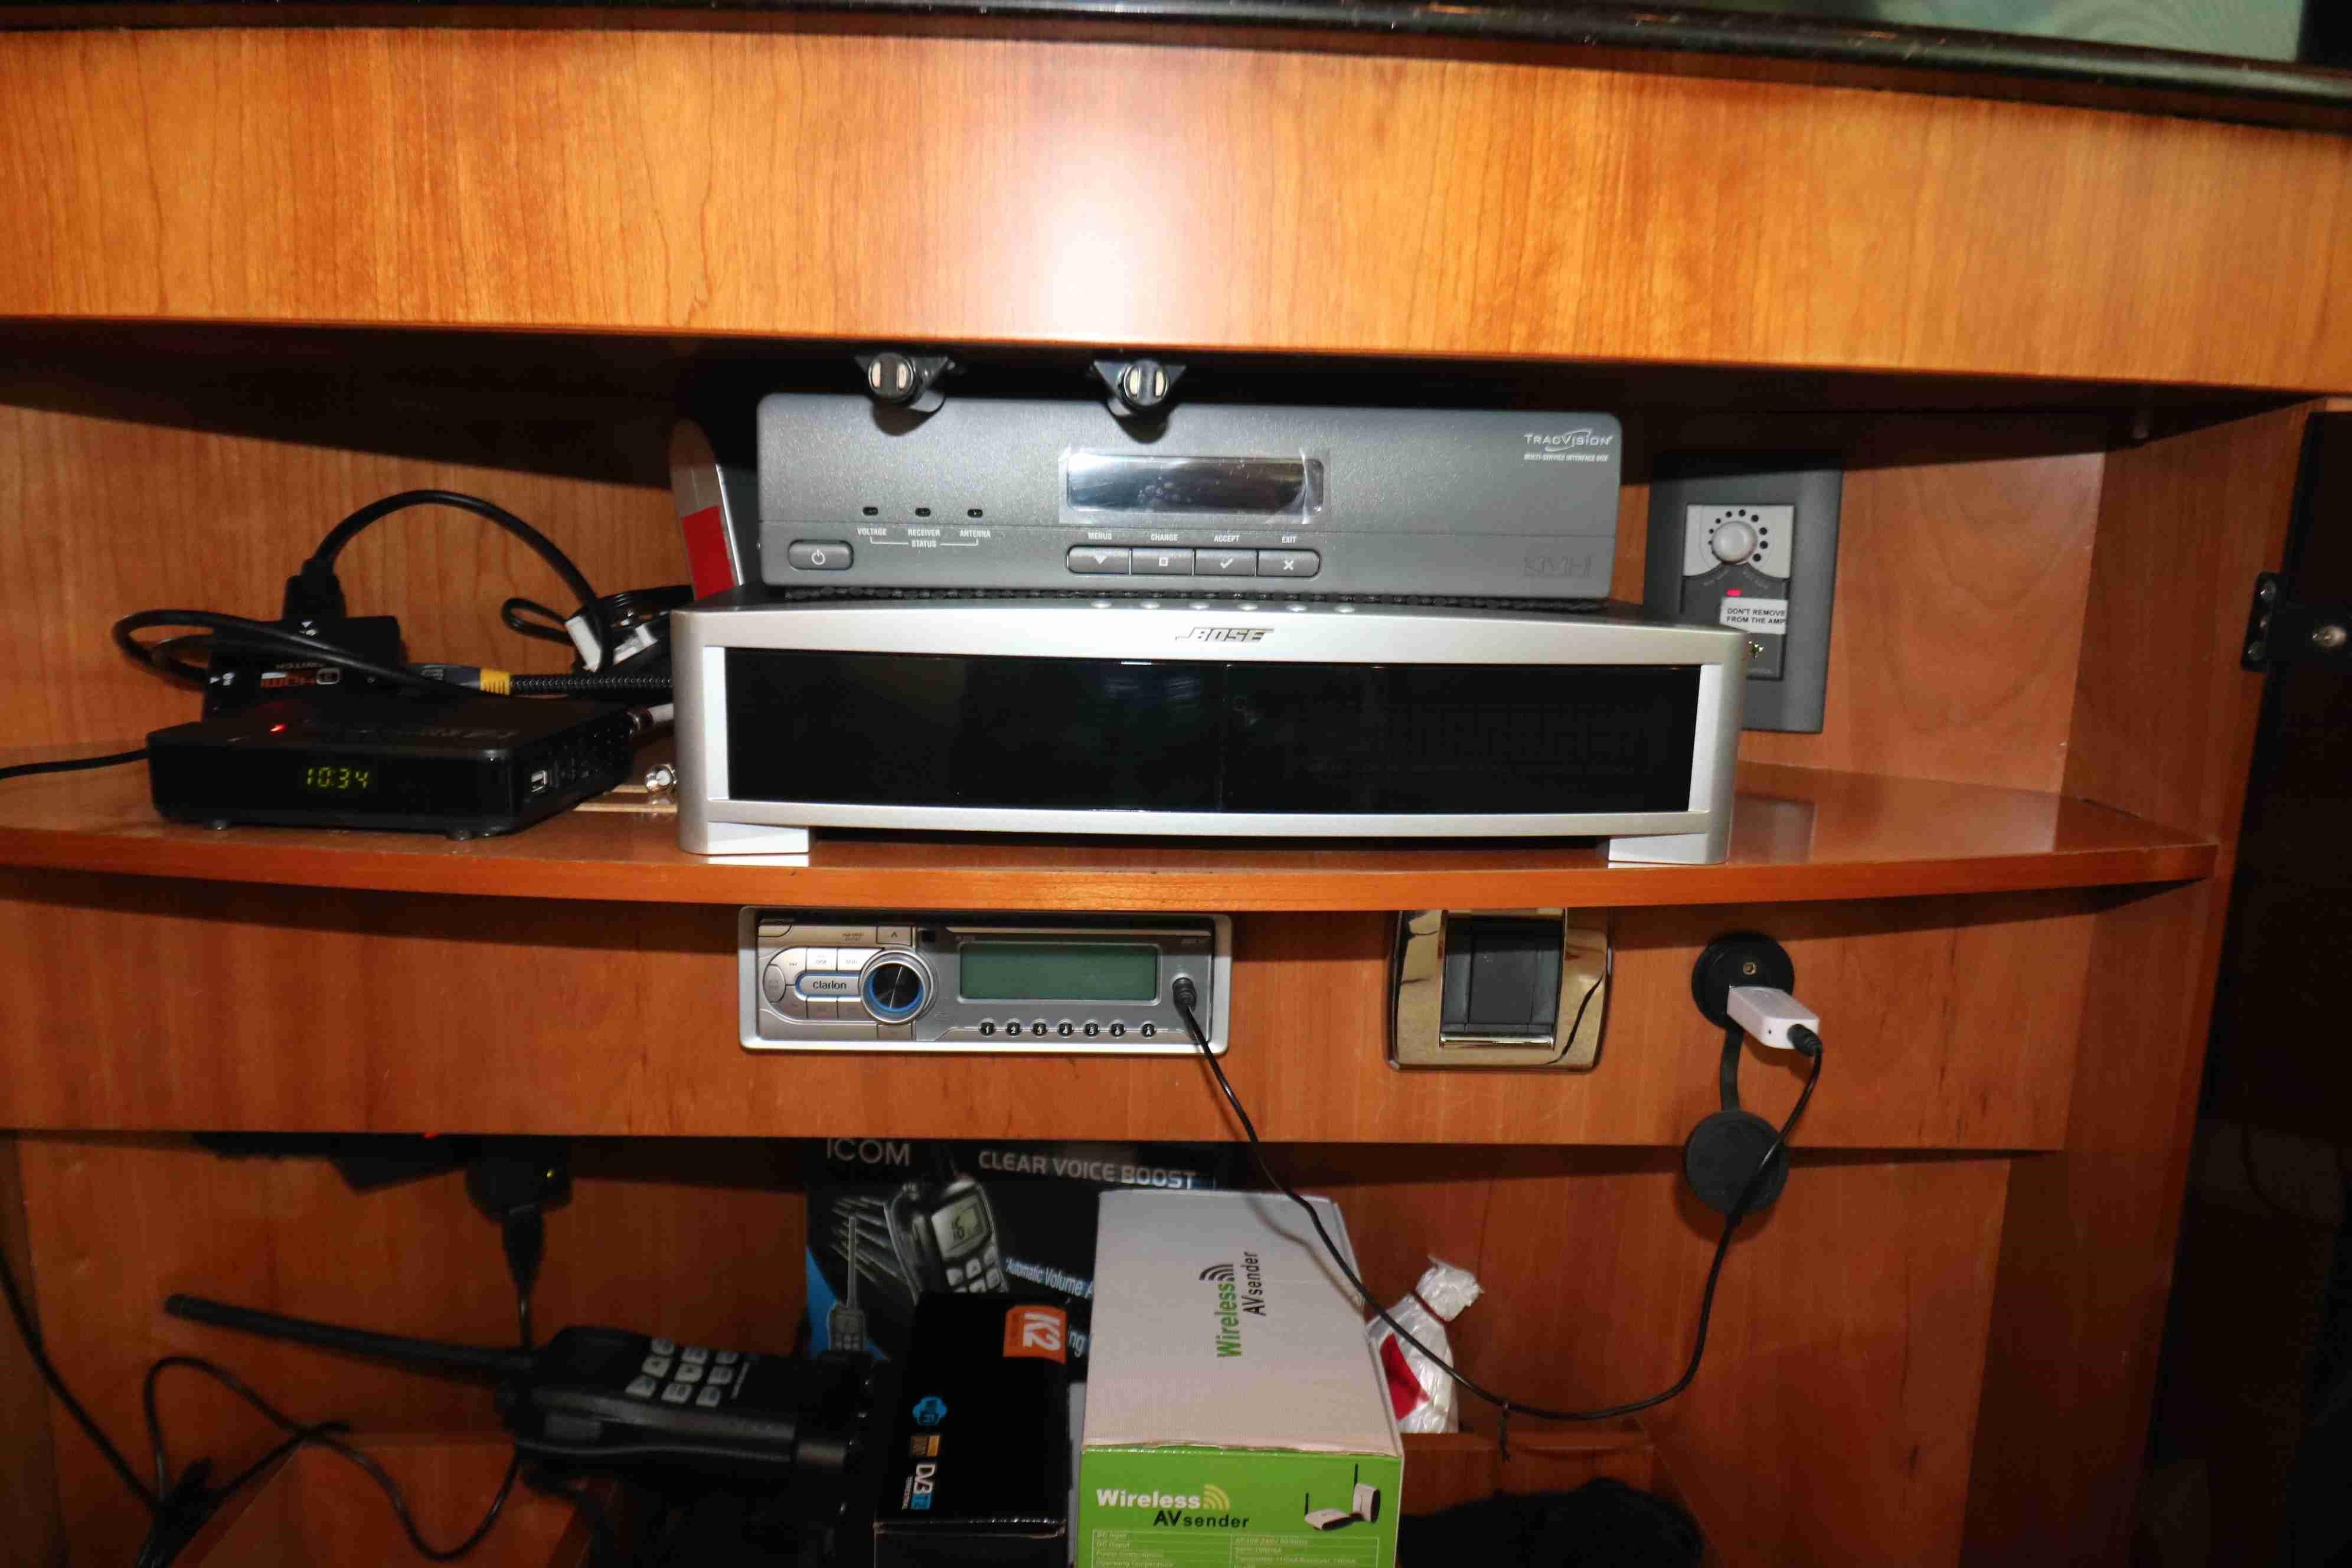 BOSE sound system